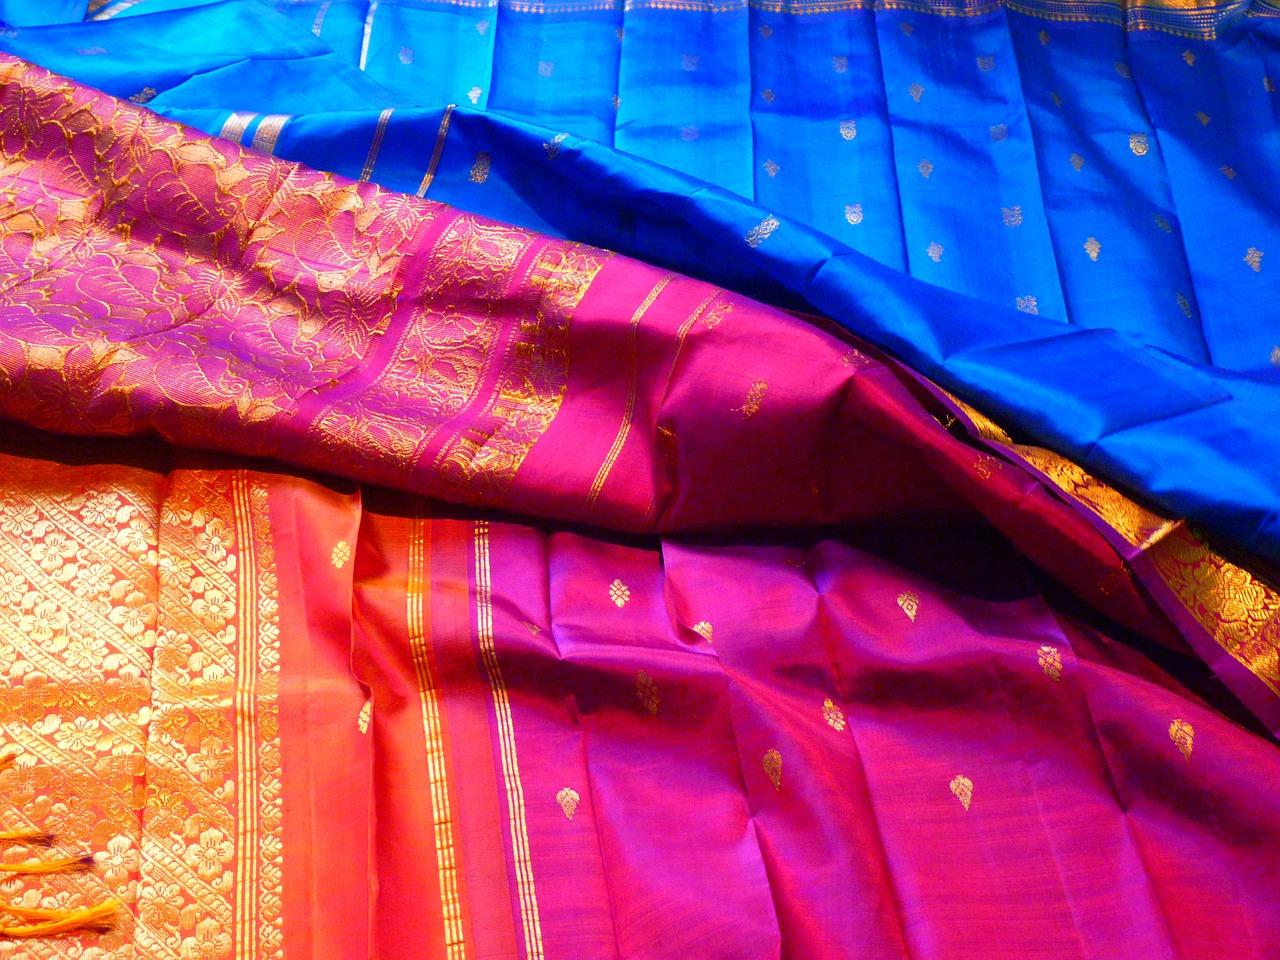 silk-52003_1280.jpg